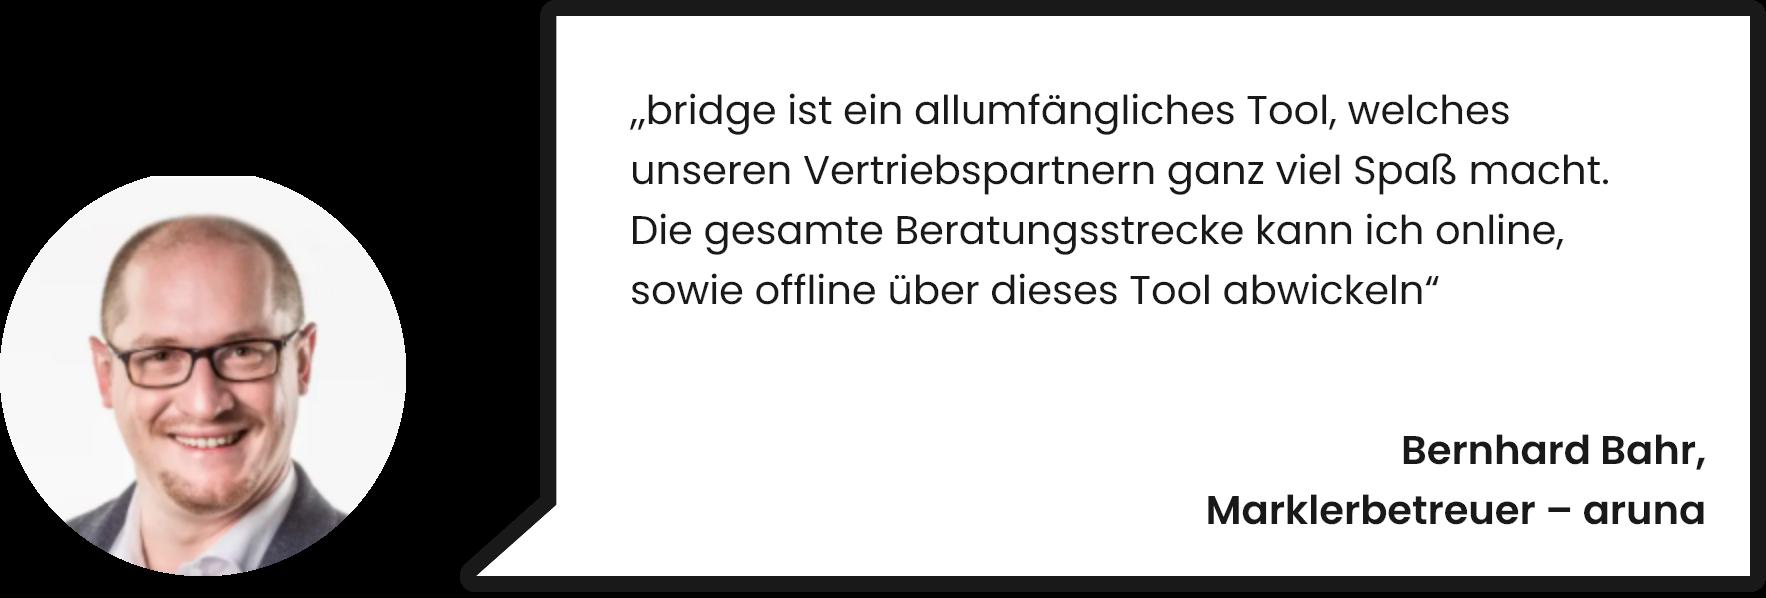 bild-zitat-2-bridge-kunde-maklerpool-aruna-digitale-beratung-online-und-offline